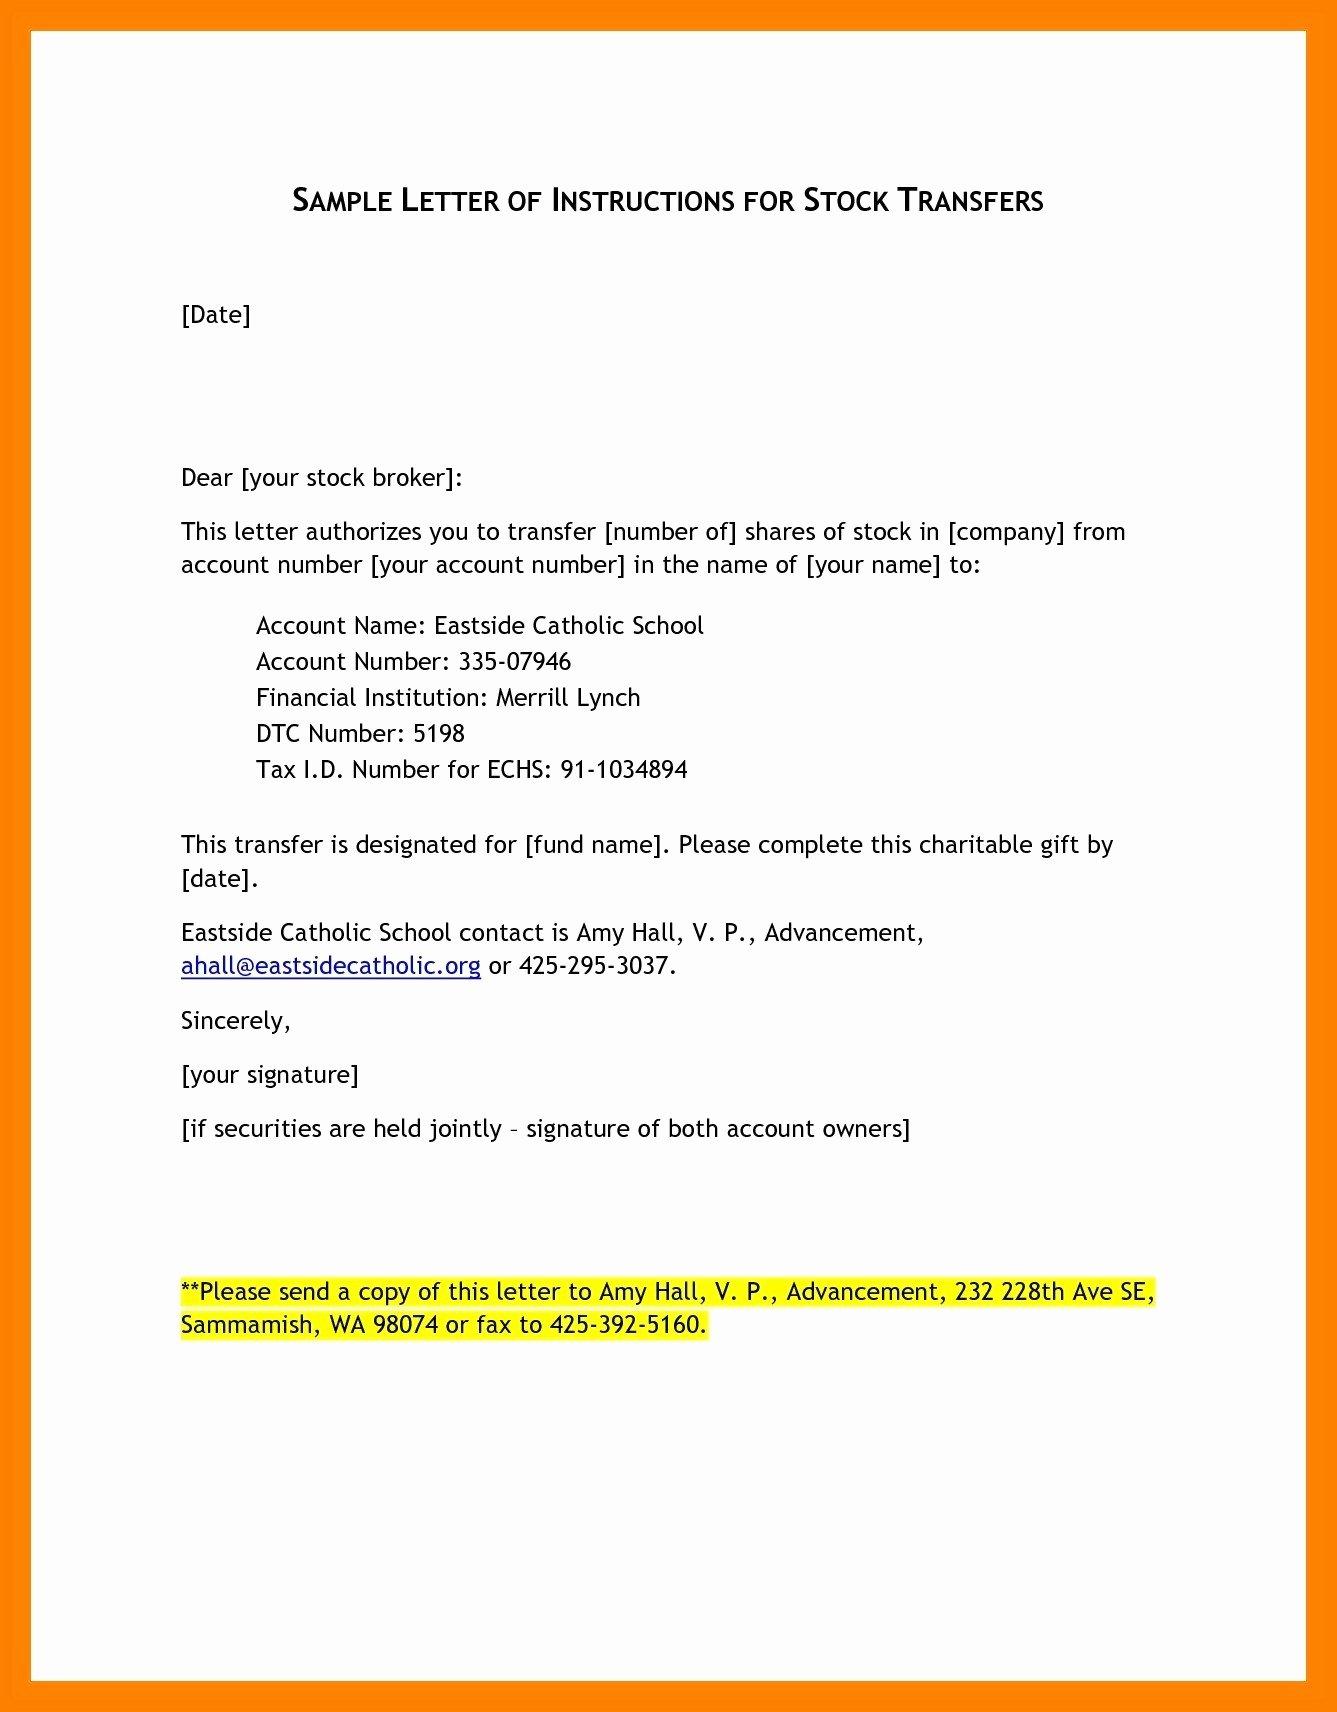 Letter Of Instruction Template Bank Elegant Letter Instruction Template Stock Transfer Collection